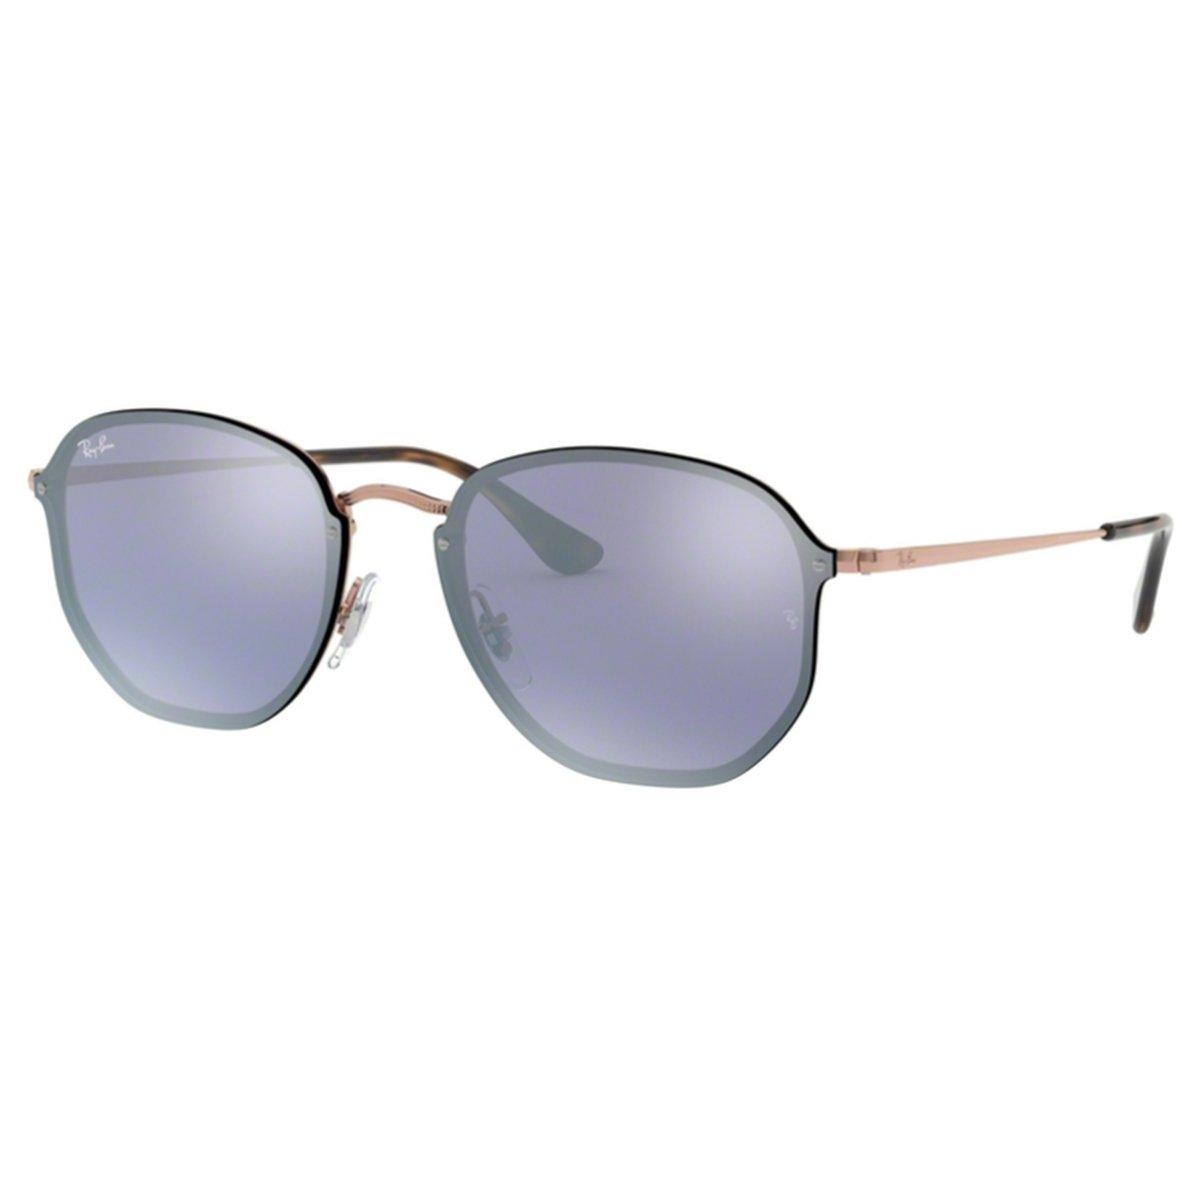 Compre Óculos de Sol Ray Ban Blaze Hexagonal em 10X  036f2550a0cd0